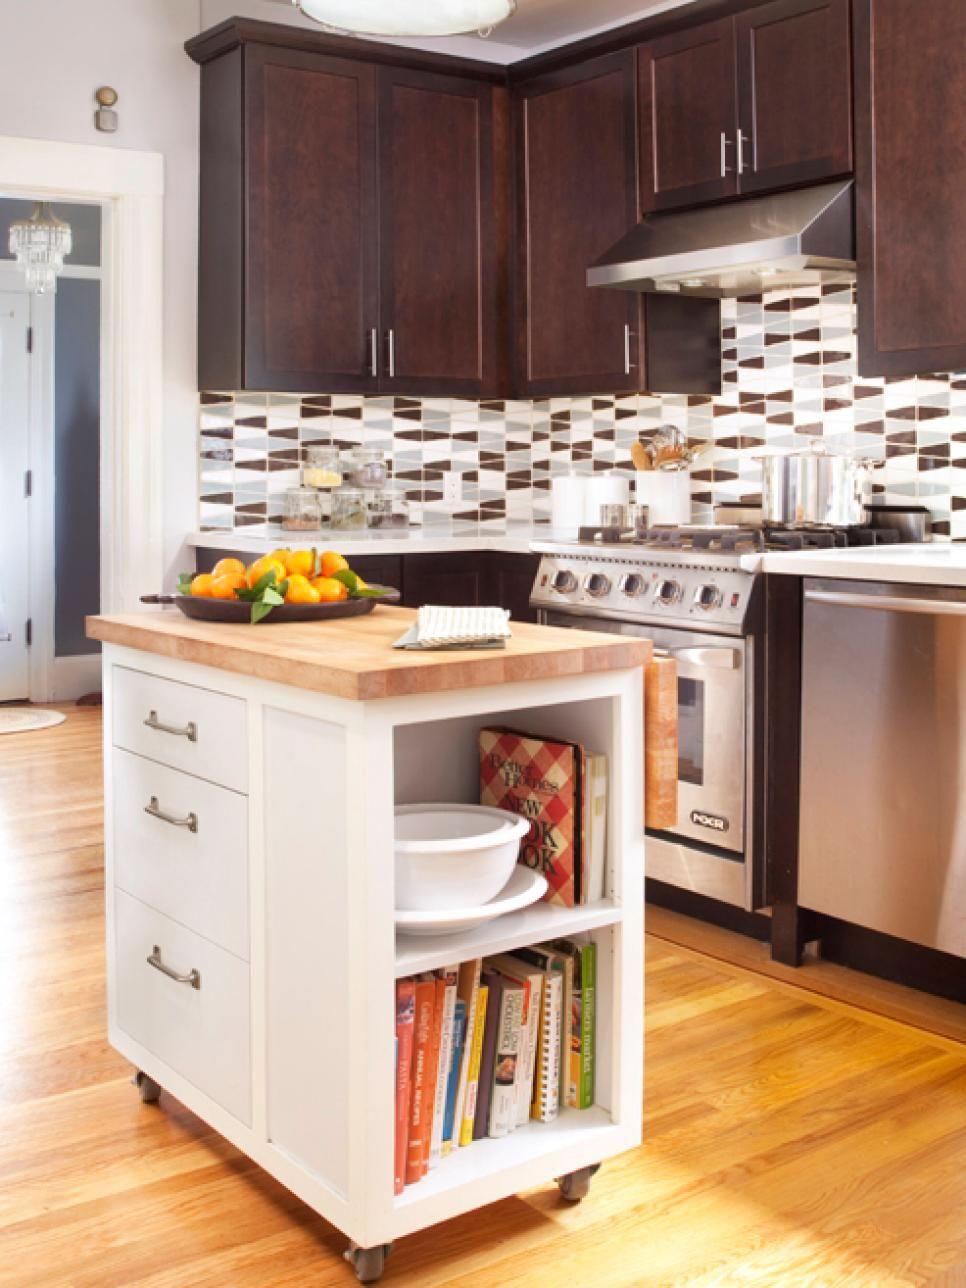 19 Kitchen Cabinet Storage Systems | DIY Kitchen Design Ideas - Kitchen Cabinets, Islands, Backsplashes | DIY